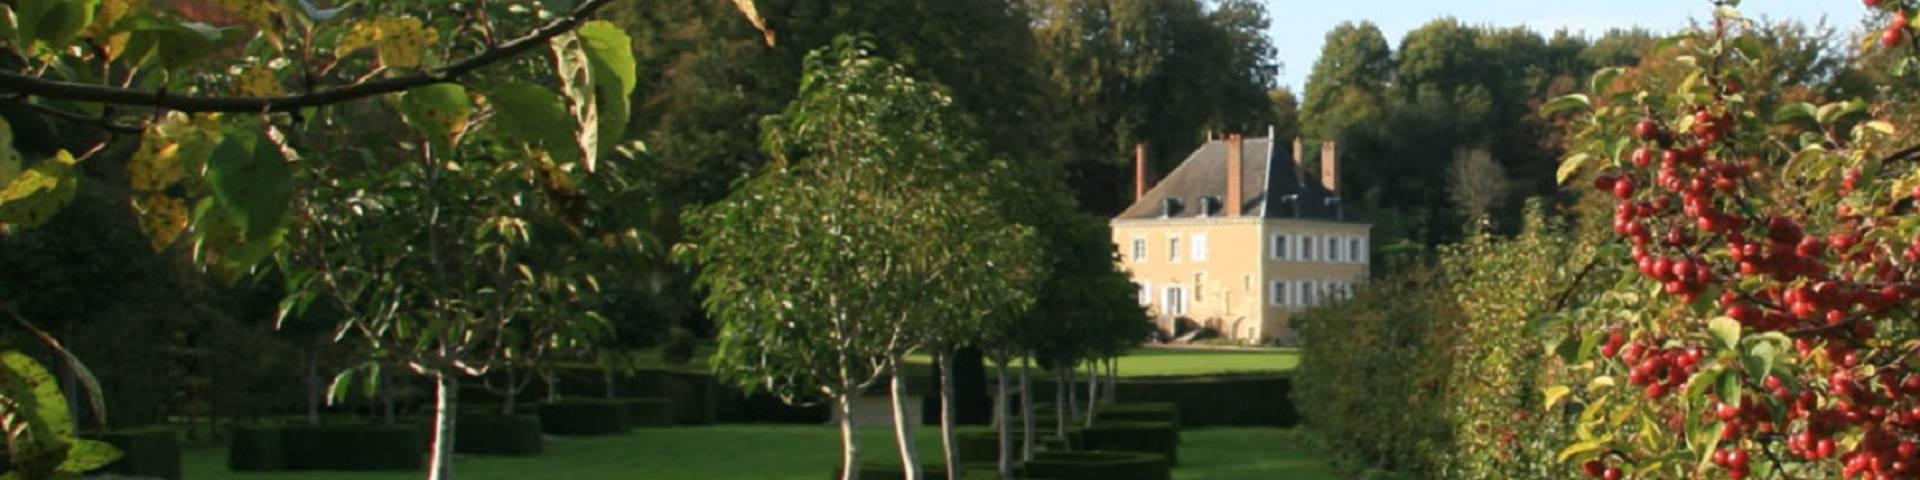 Jardines de Plessis Sasnières en Vendôme